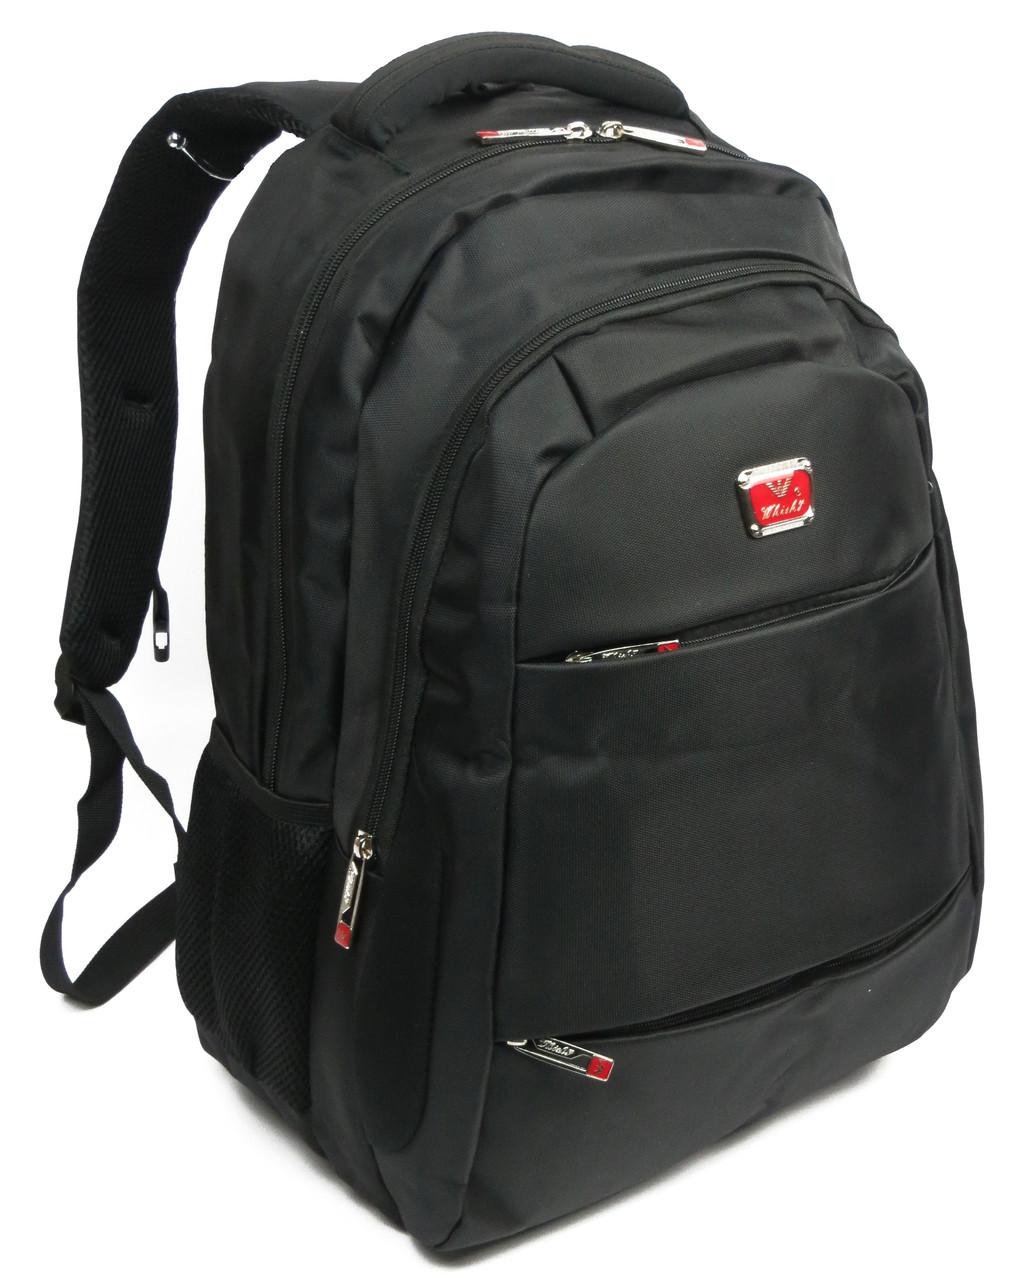 Городской рюкзак с отделом для ноутбука 15,6 Whisky 210031 черный